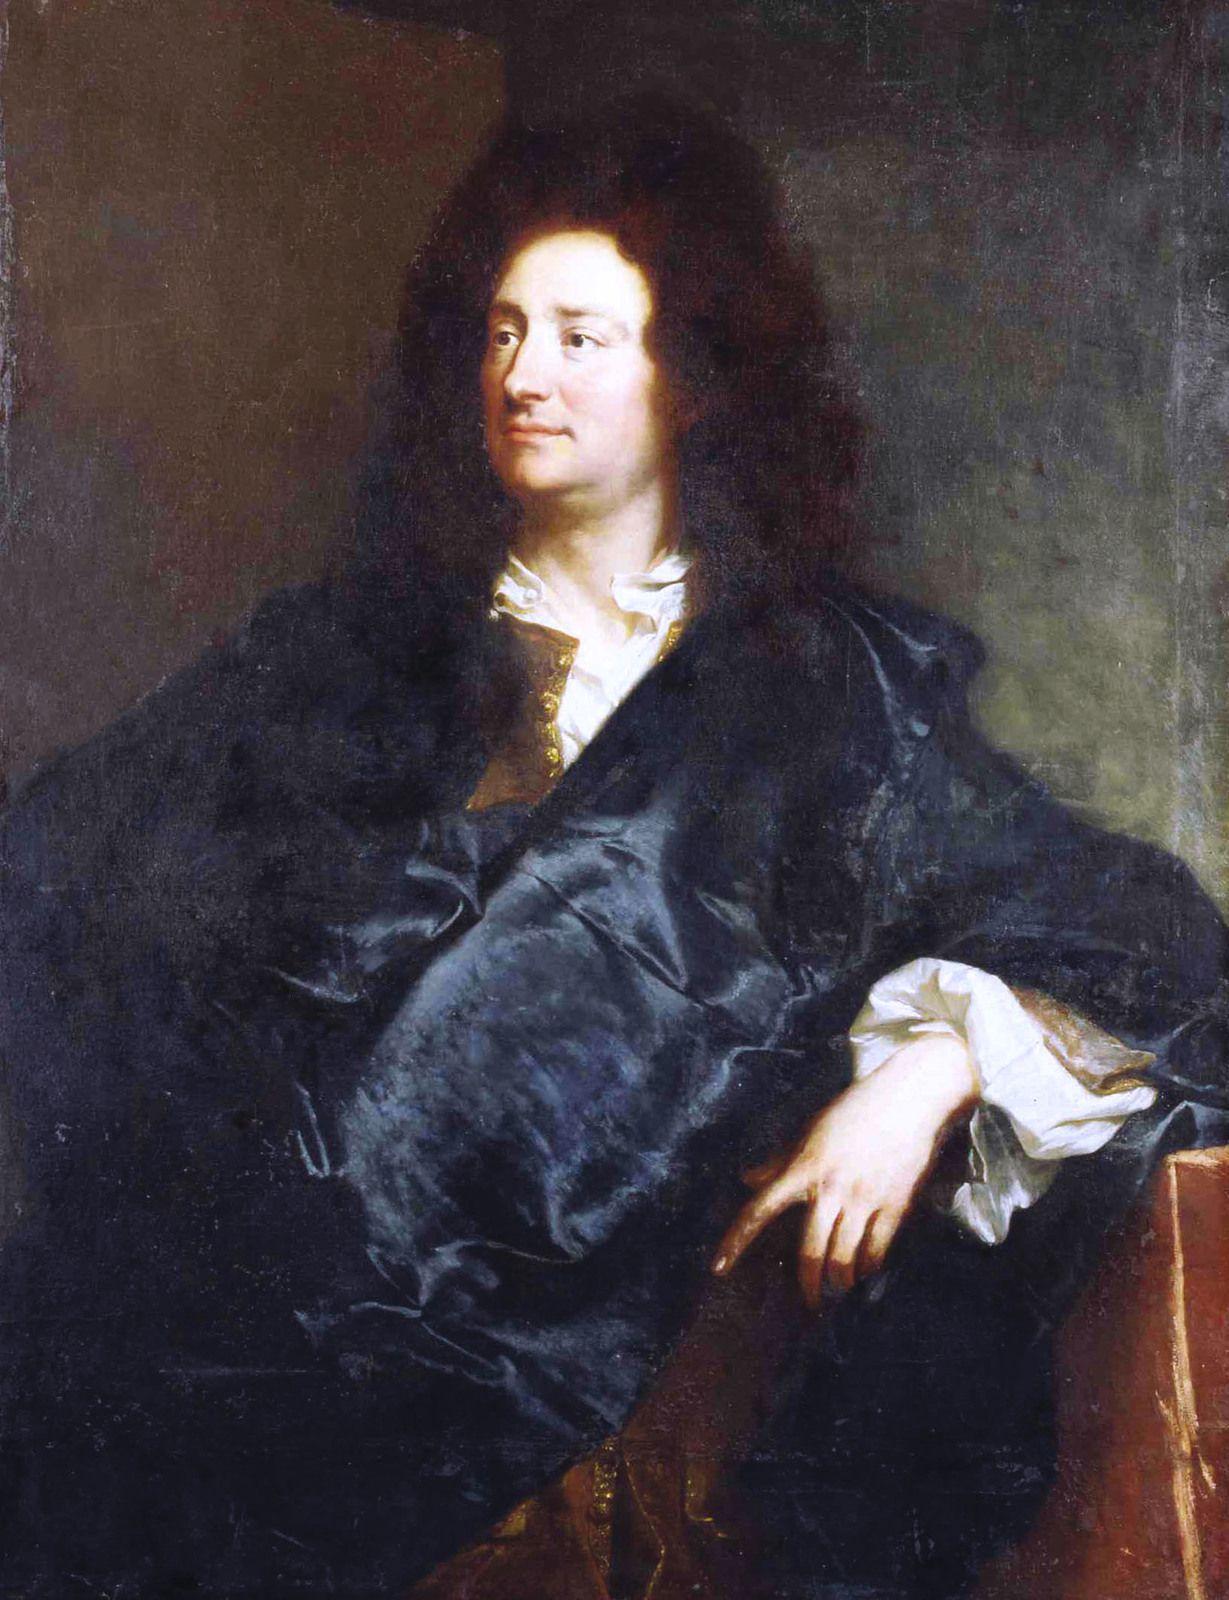 Hyacinthe Rigaud, portrait de Charles de La Fosse, 1691. Berlin, Scloss Charlottenburg © d.r.